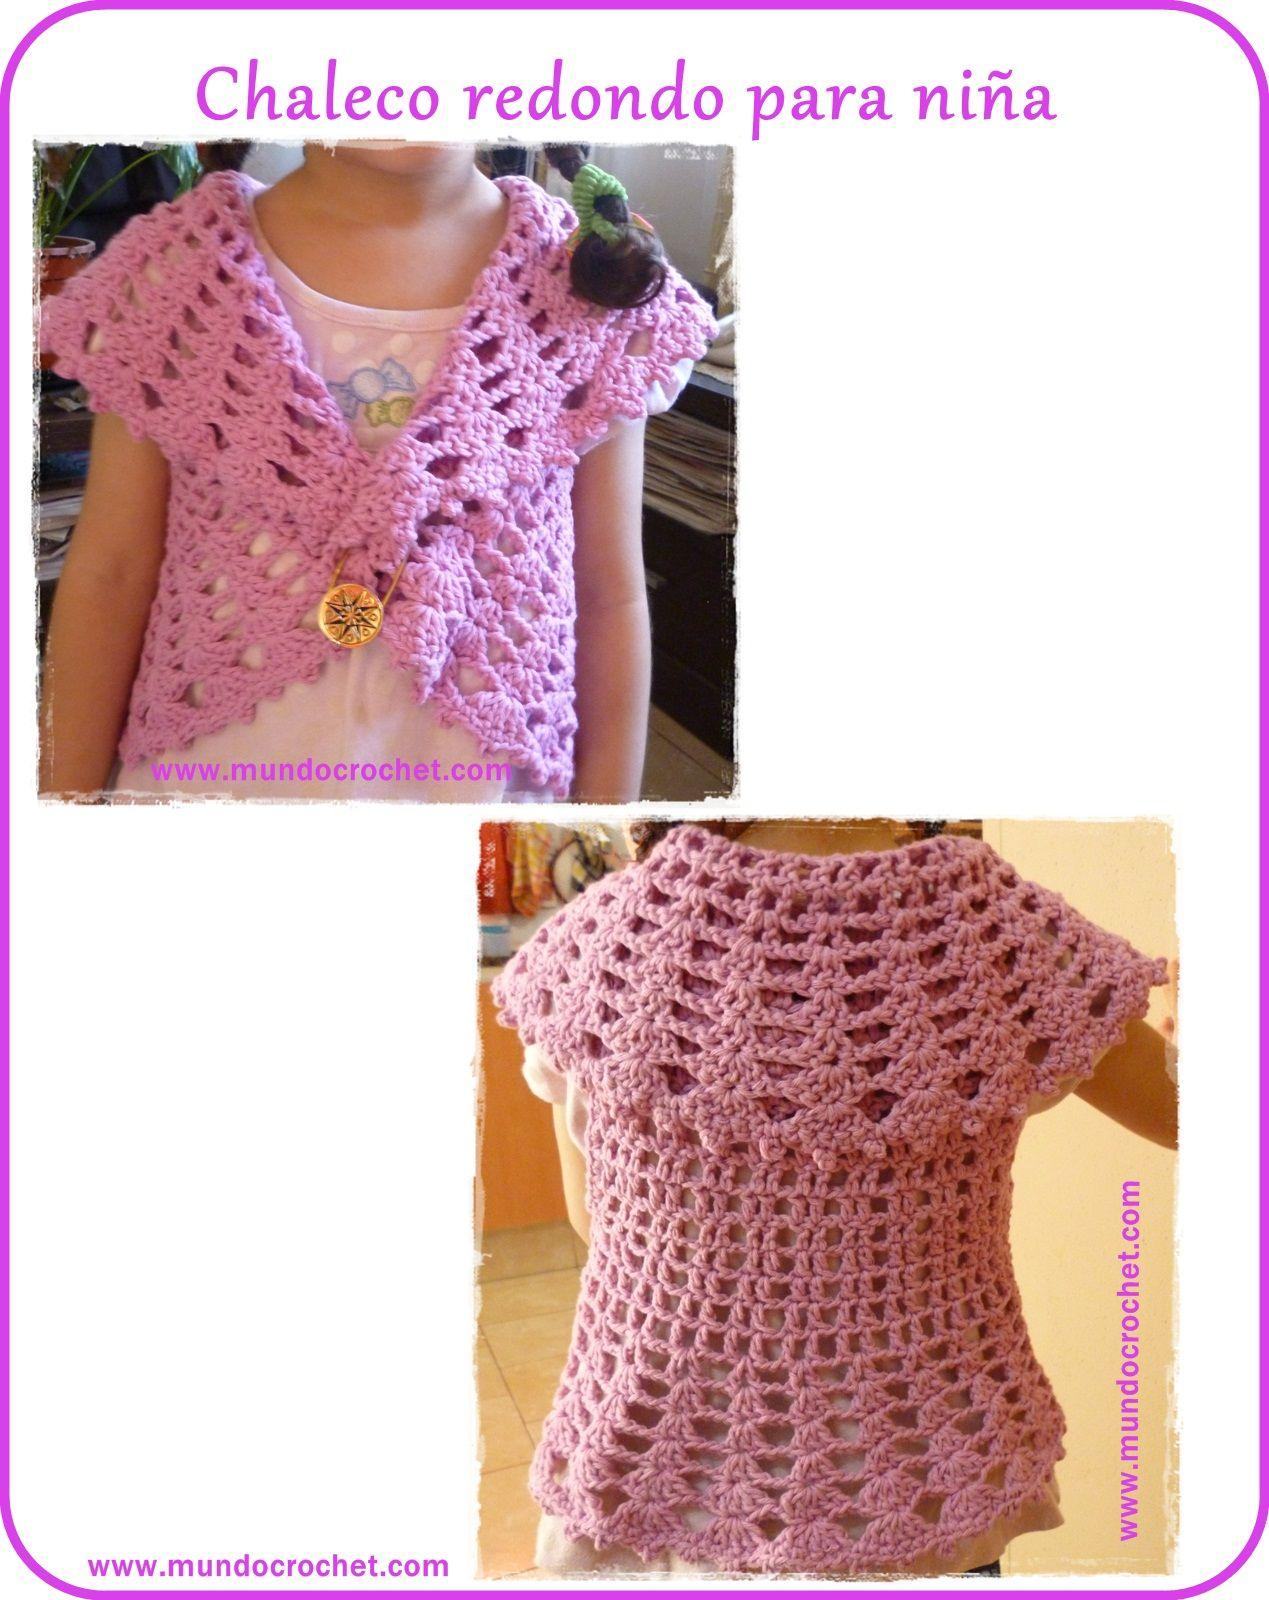 Chaleco redondo a crochet para niña: patrón y paso a paso   Patrones ...